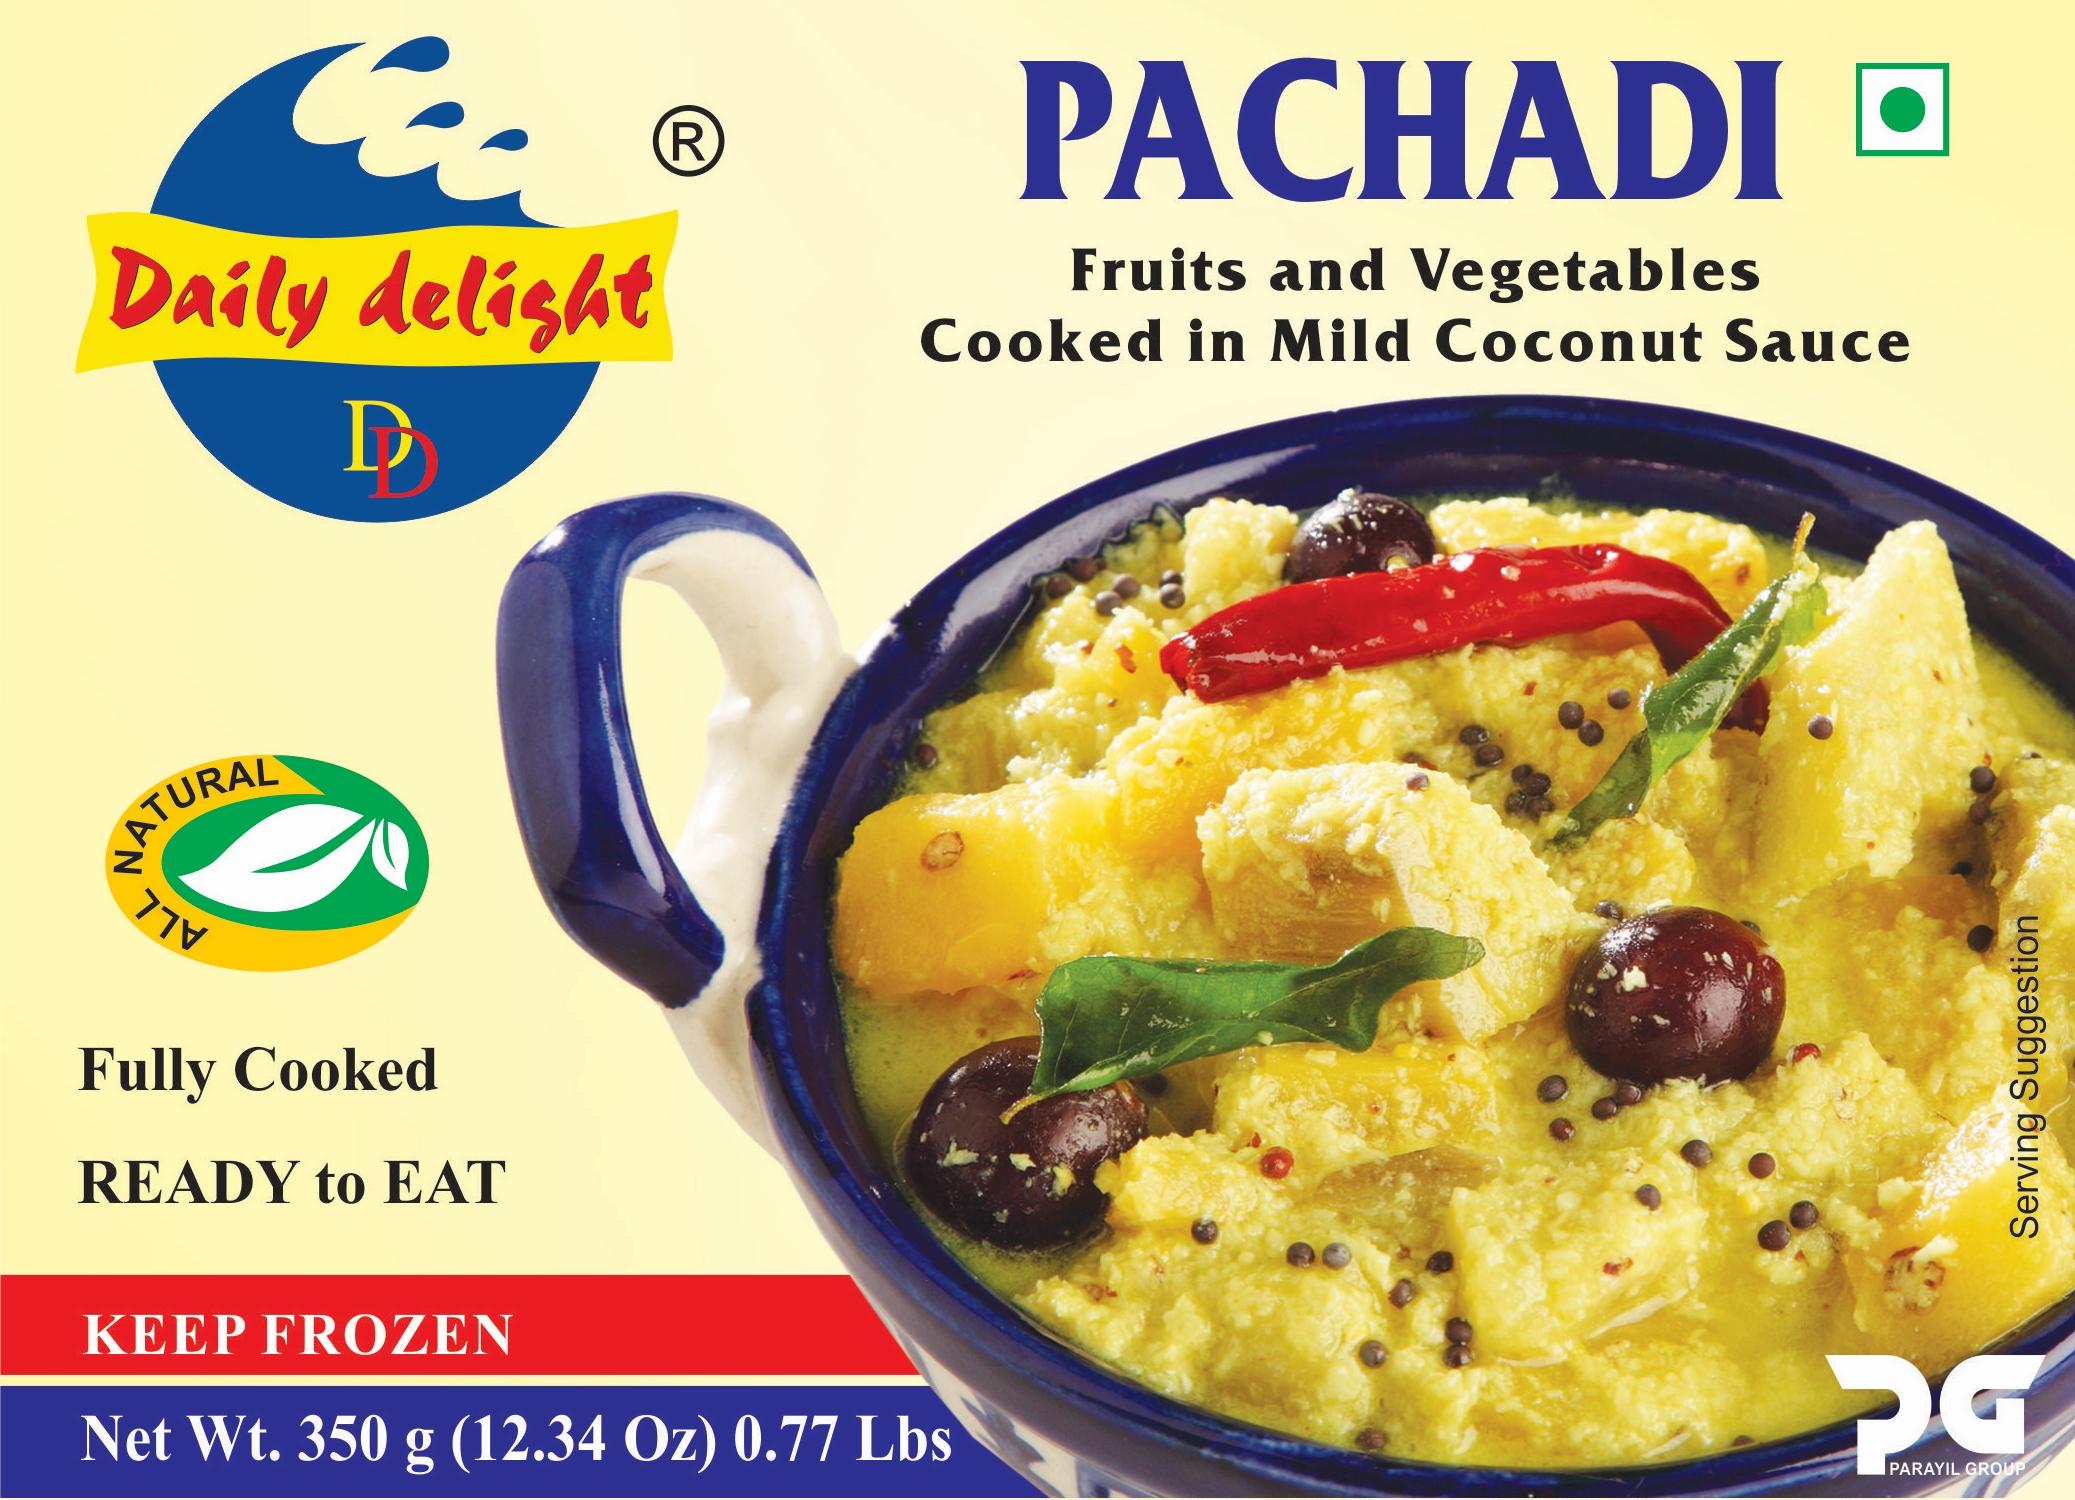 Daily Delight Pachadi